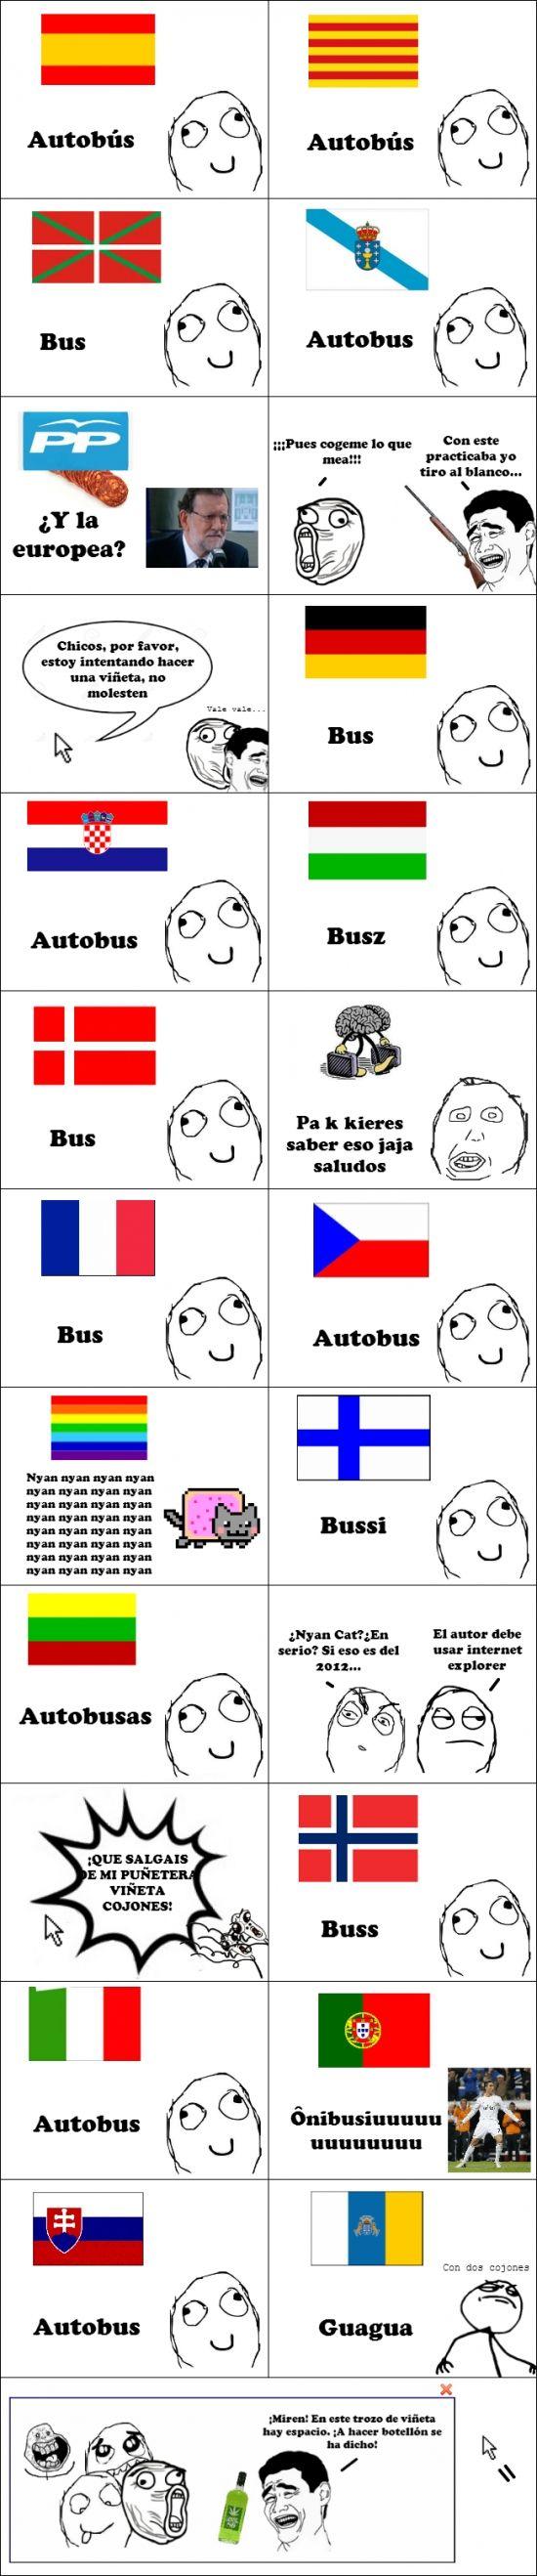 Así se dice autobús en diferentes idiomas        Gracias a http://www.cuantocabron.com/   Si quieres leer la noticia completa visita: http://www.estoy-aburrido.com/asi-se-dice-autobus-en-diferentes-idiomas/